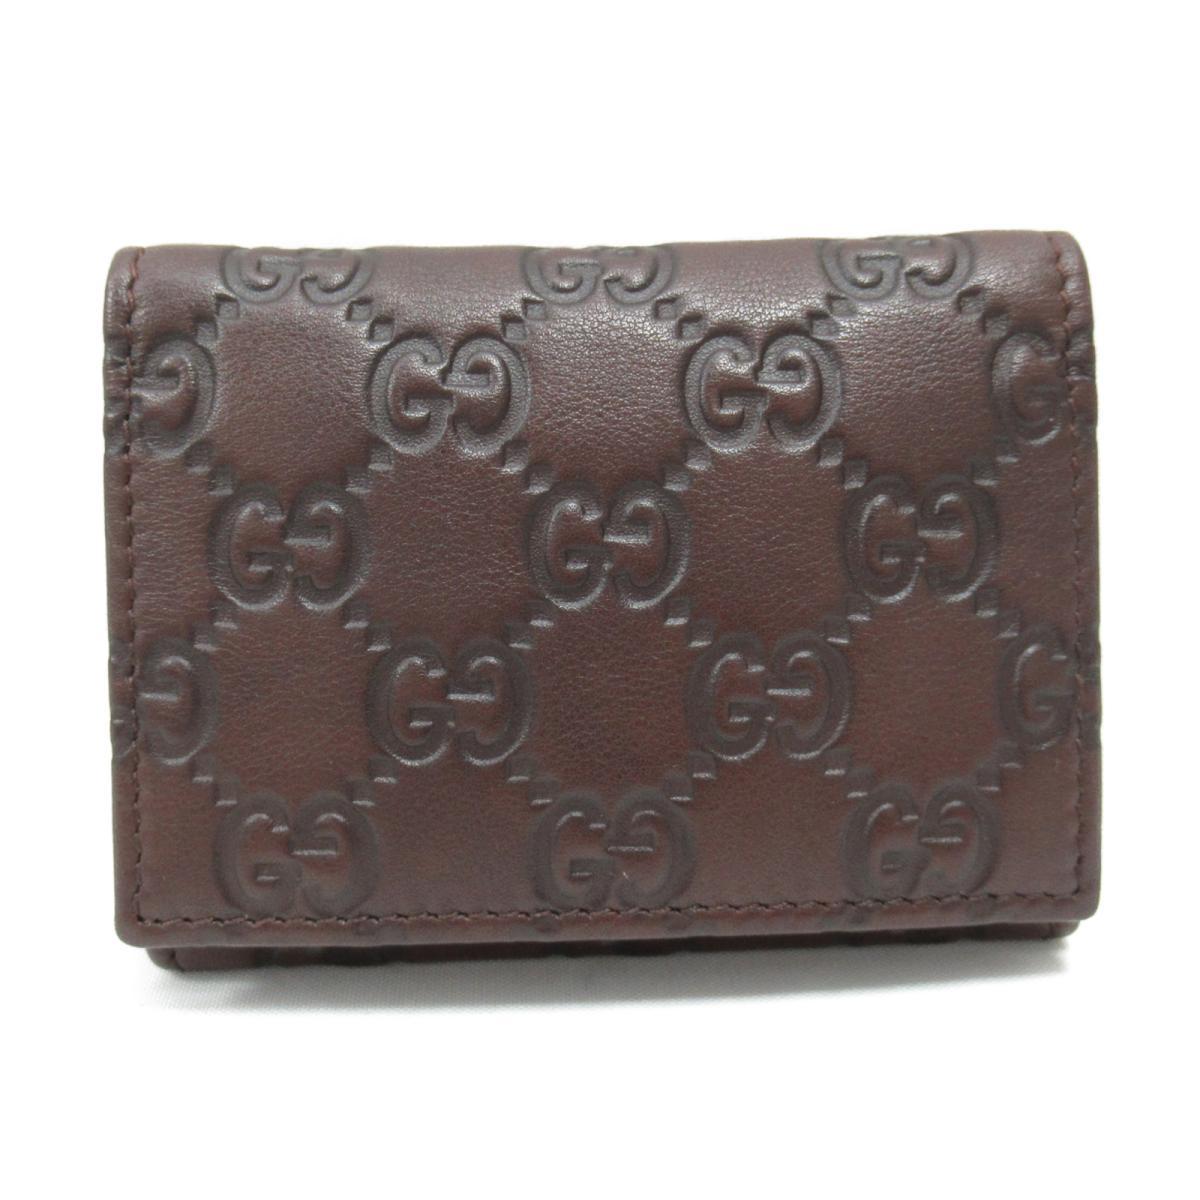 【中古】 グッチ カードケース メンズ レディース レザー ブラウン (120965) | GUCCI ケース カードケース 美品 ブランドオフ BRANDOFF